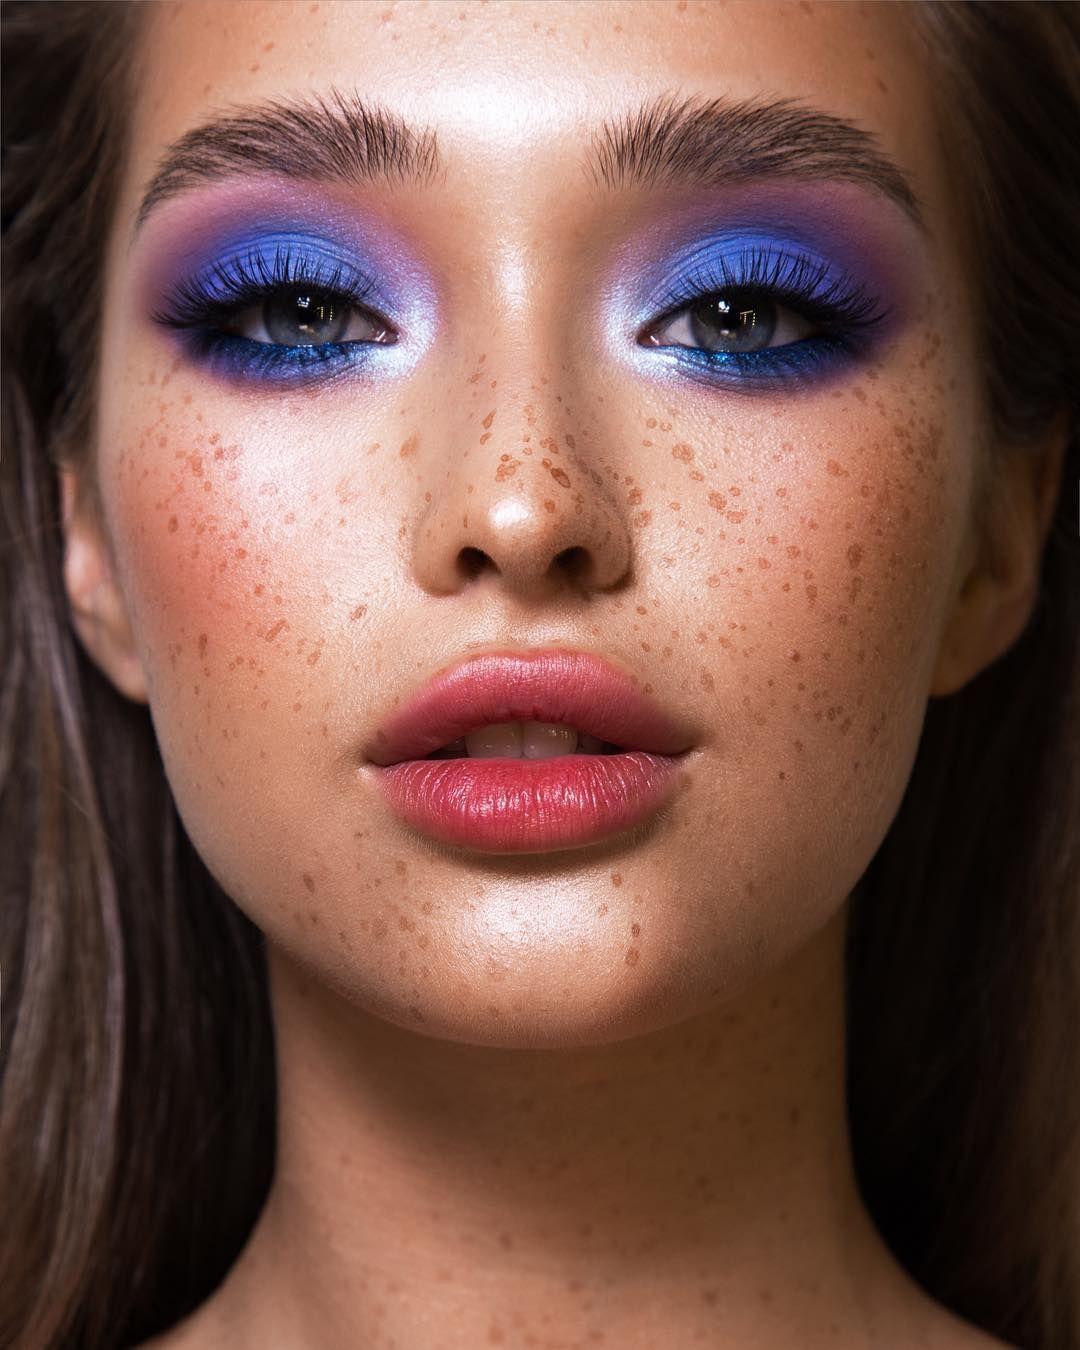 Pin on Makeup Art DrinaFe